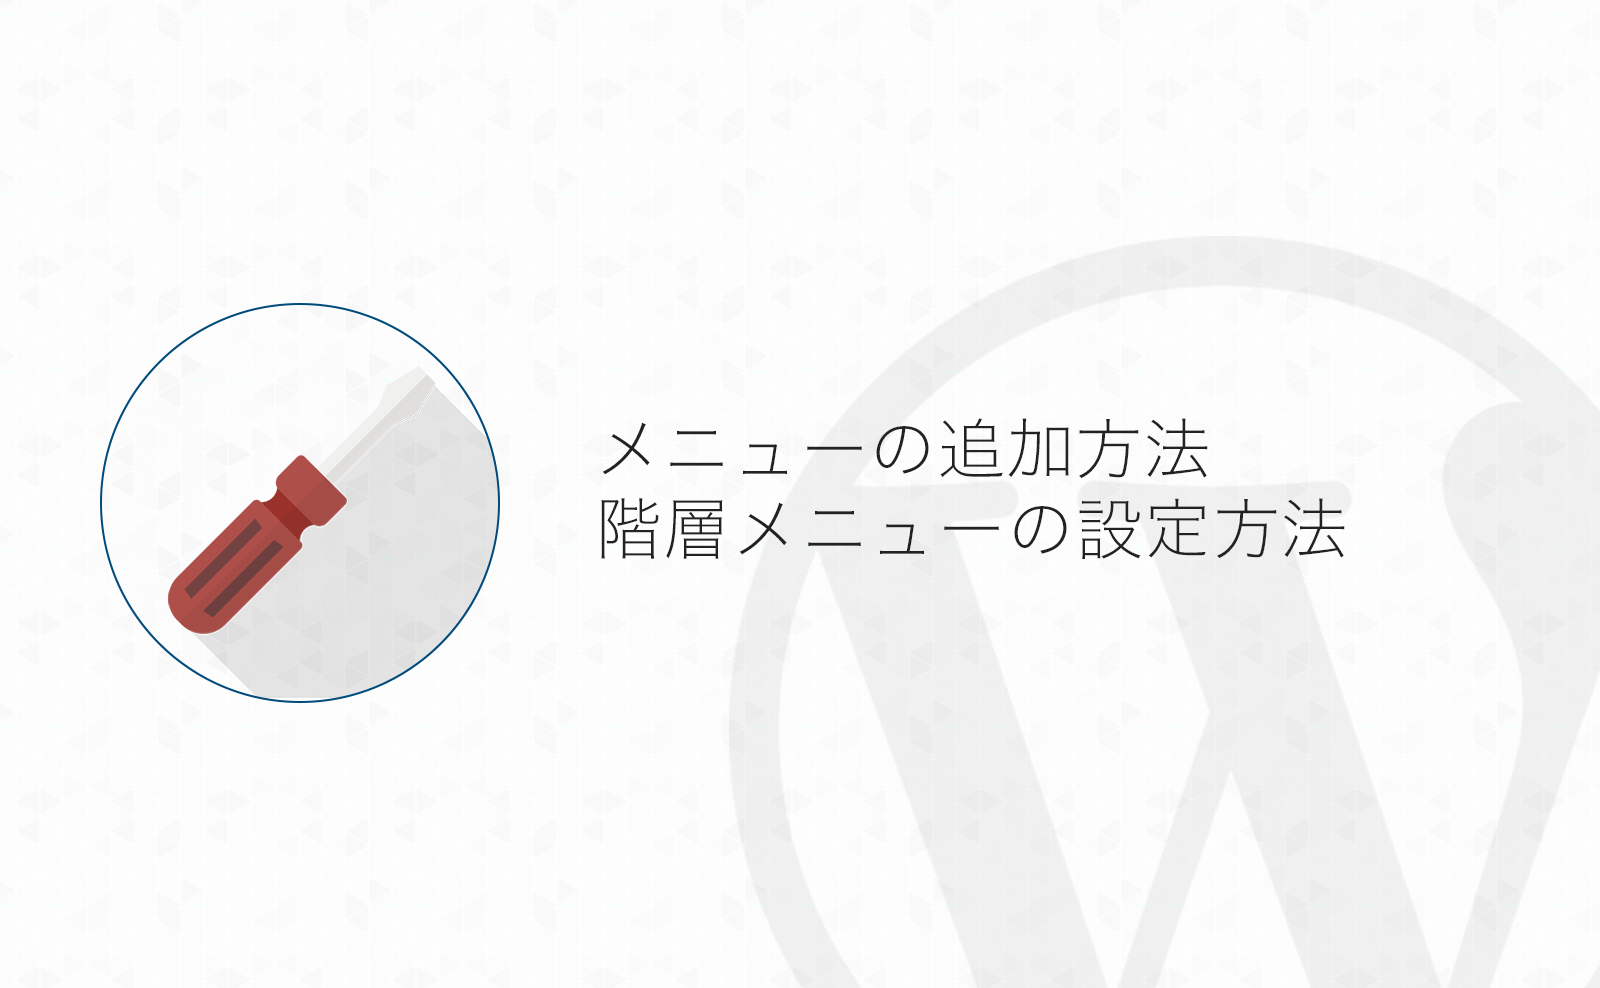 【WordPress】メニューの追加方法・階層メニューの設定方法